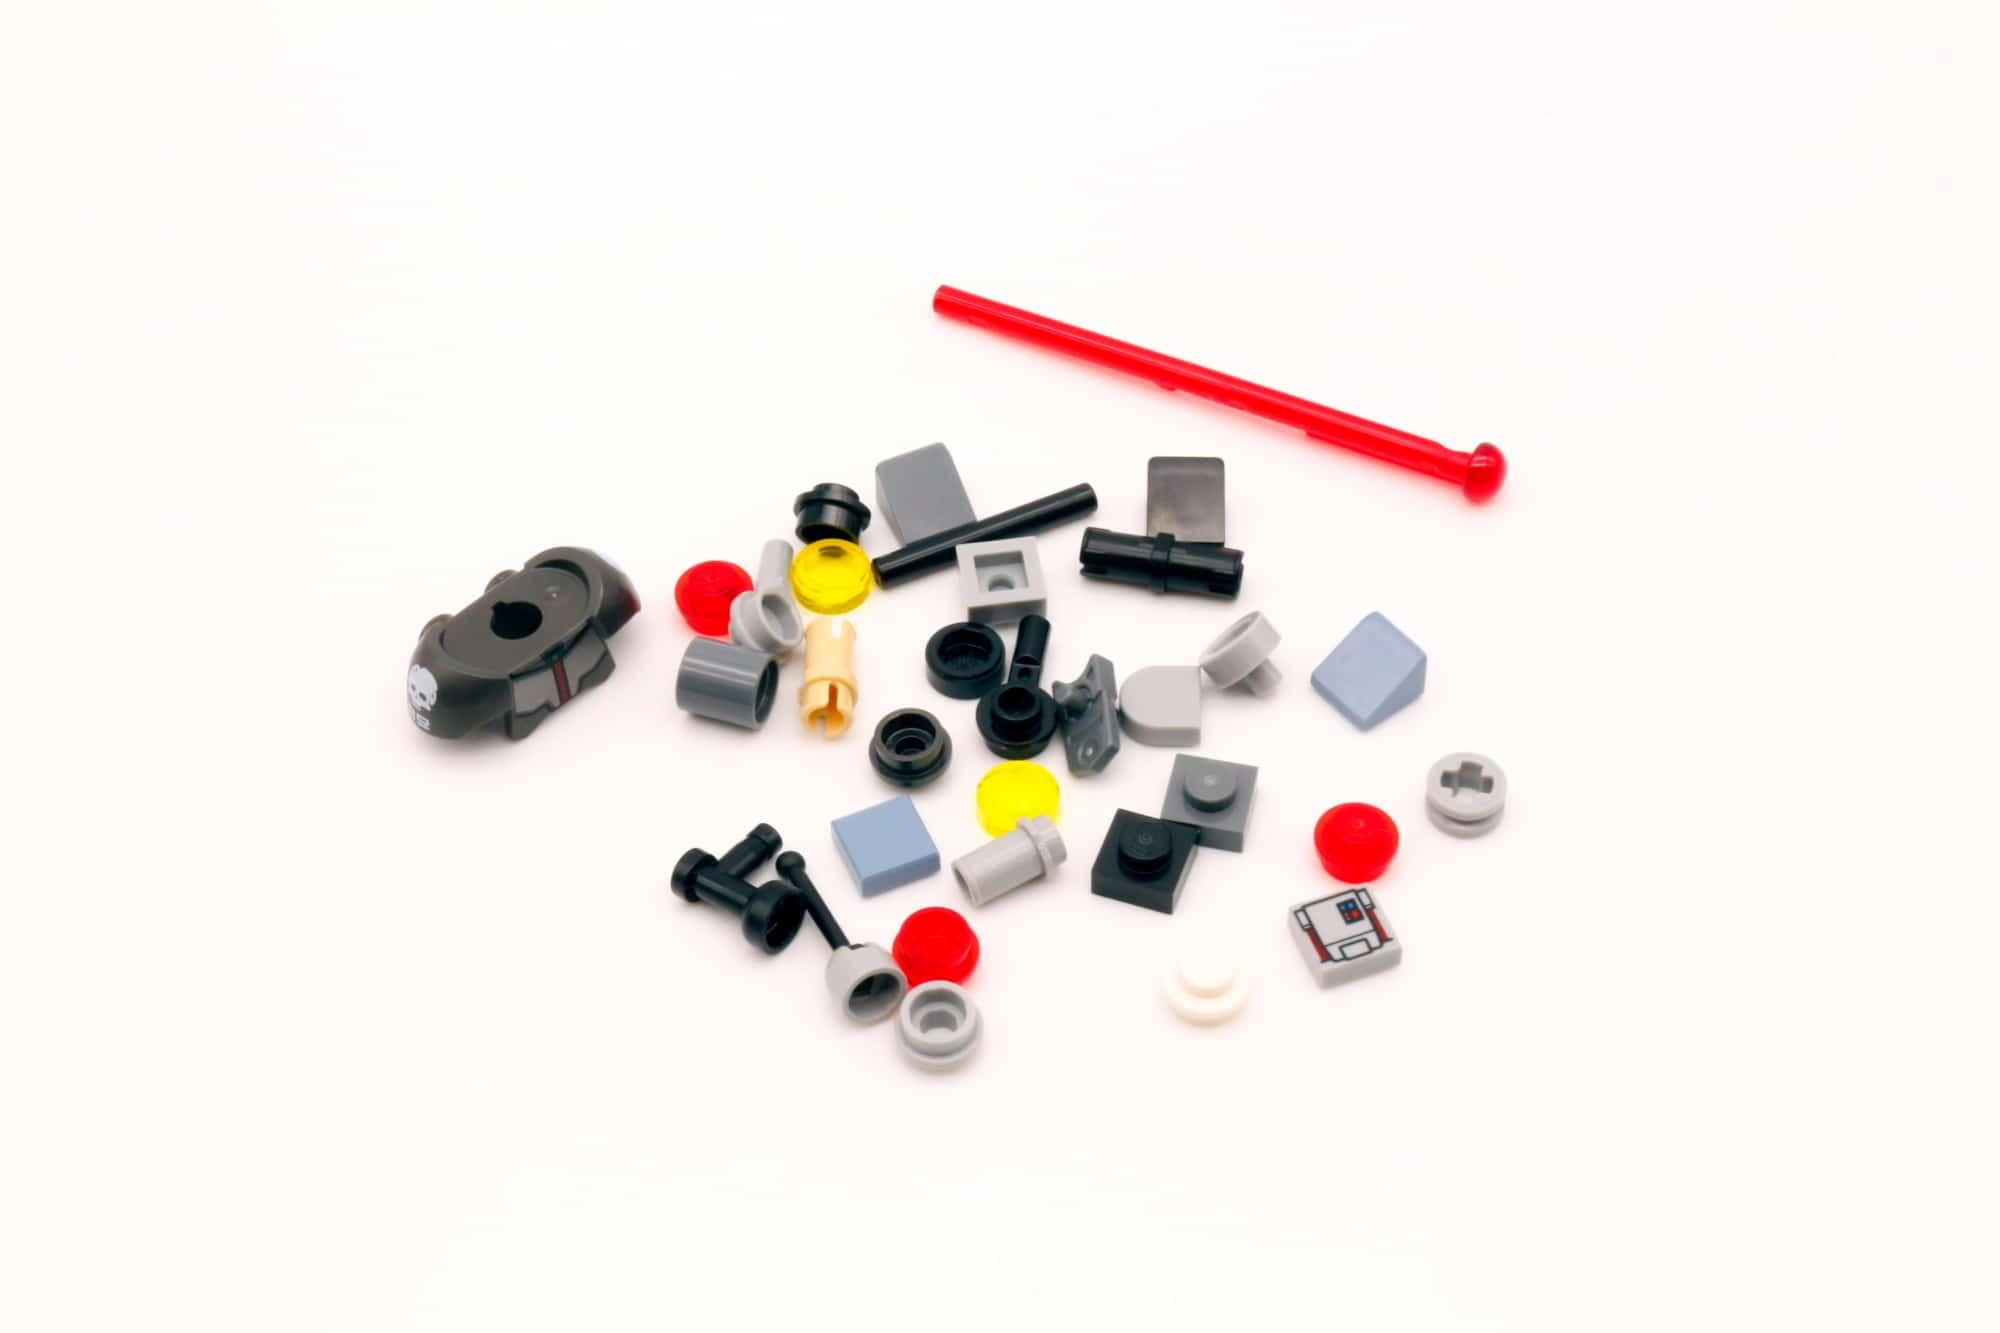 LEGO Star Wars 75314 The Bad Batch Attack Shuttle Ersatzteile